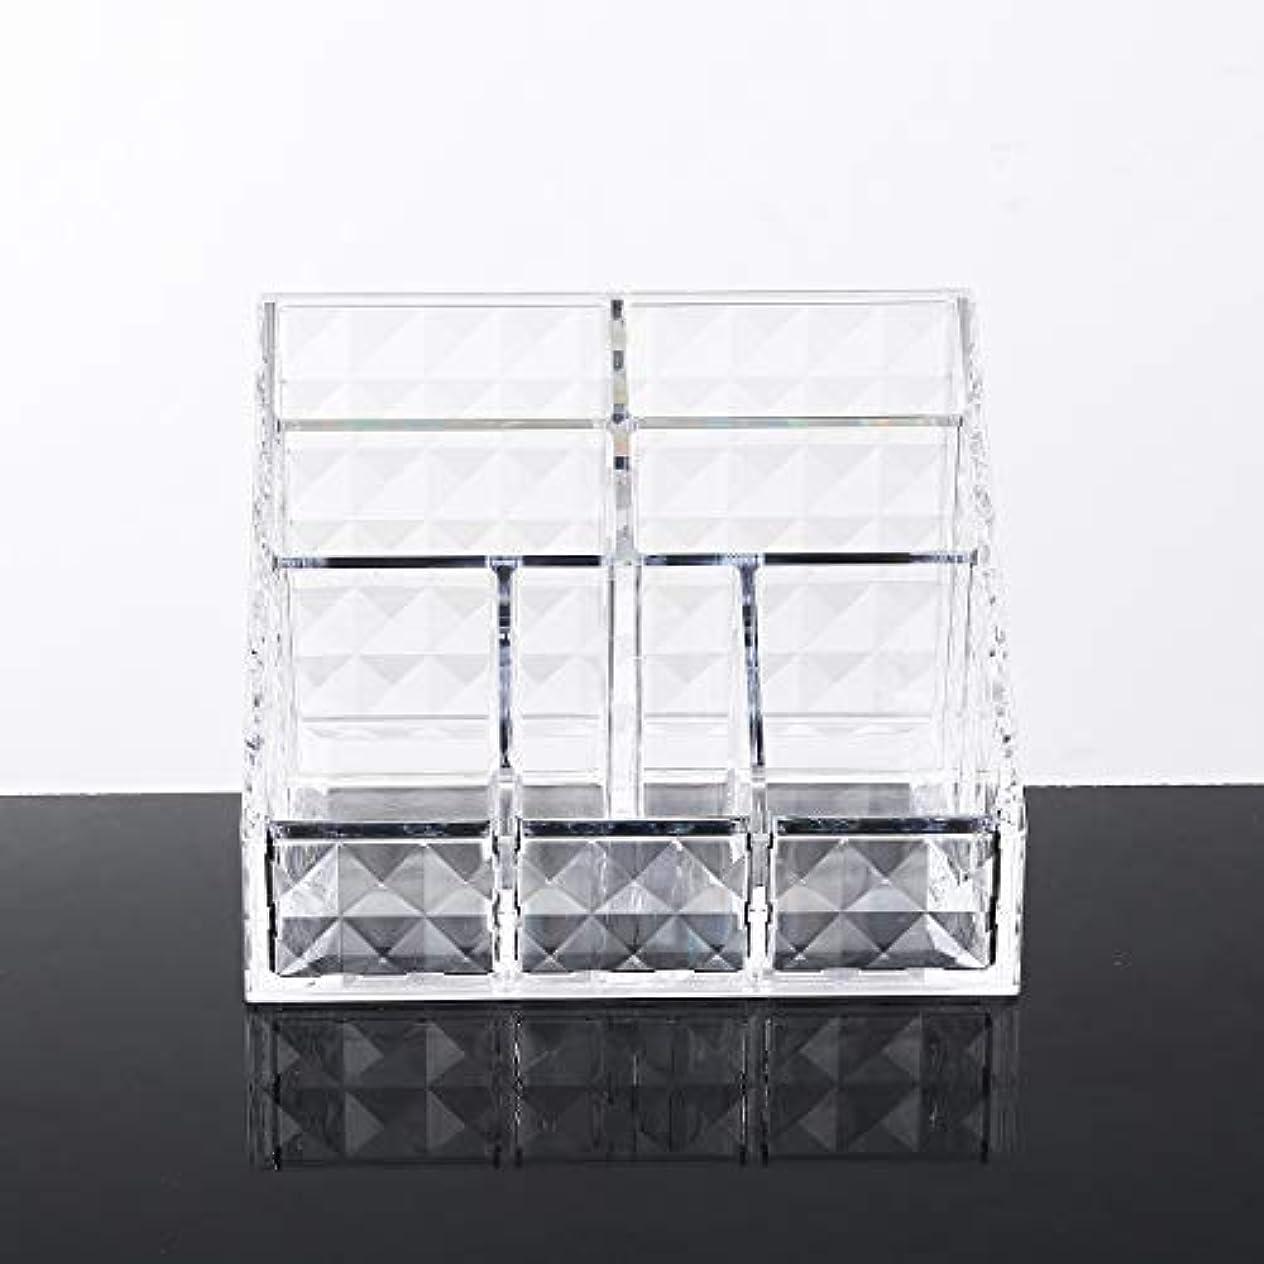 透けるチケット分離するYunNasi メイクケース収納 コスメ収納ボックス アクリル製 コスメ小物入れ?化粧品収納ケース 透明